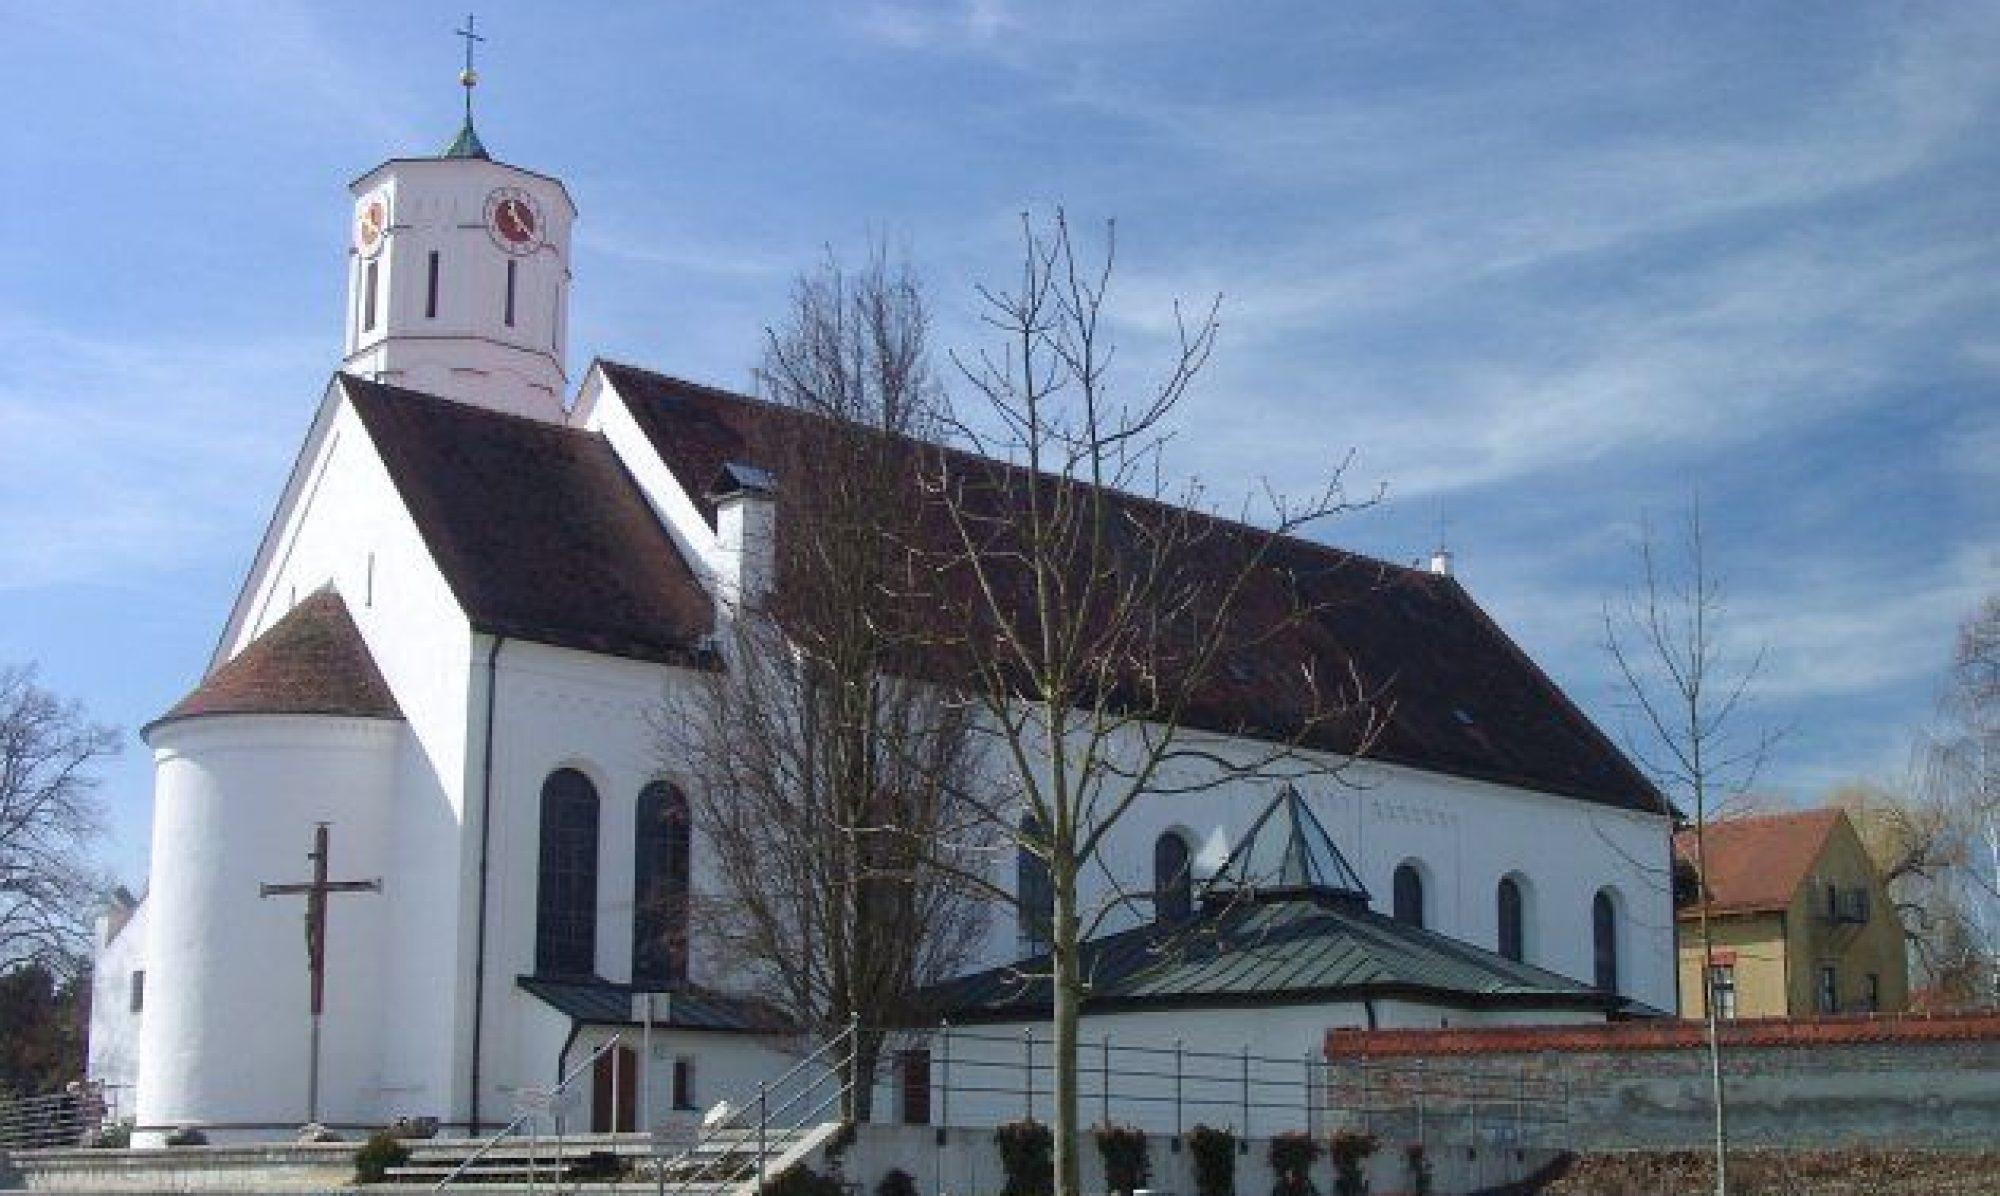 Kirchenquiz für Kinder in St. Jakobus